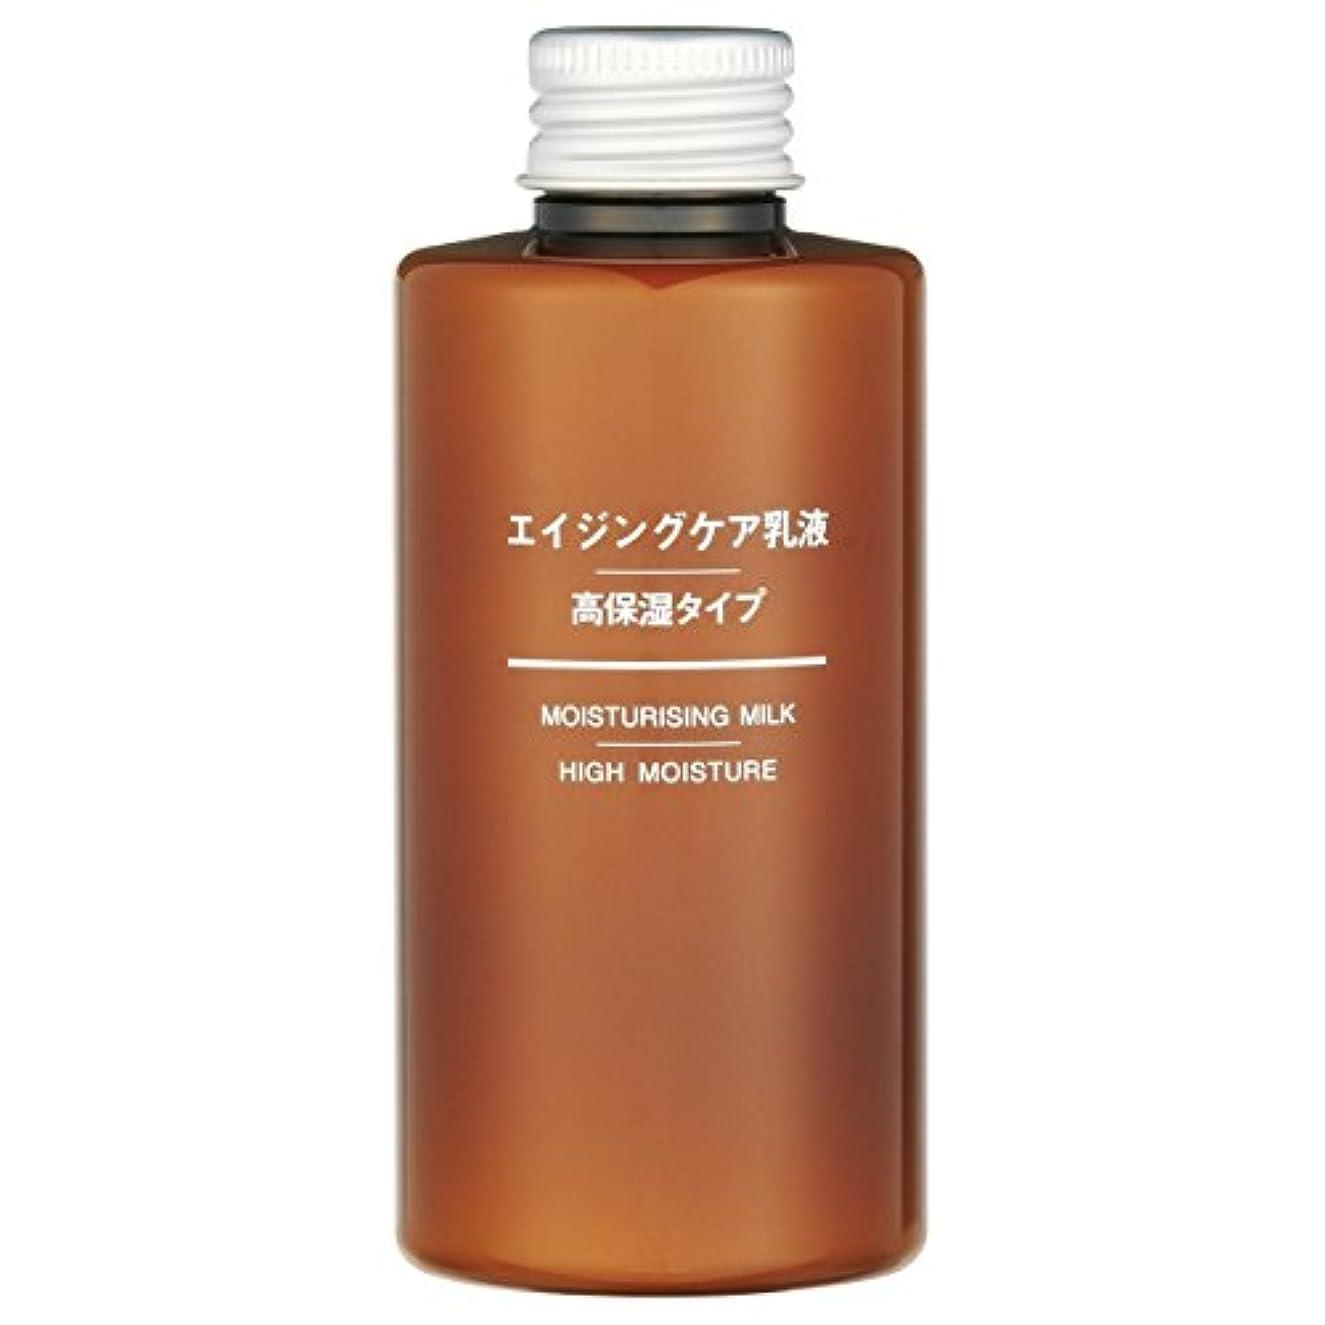 腸素朴な製造業無印良品 エイジングケア乳液?高保湿タイプ 150ml